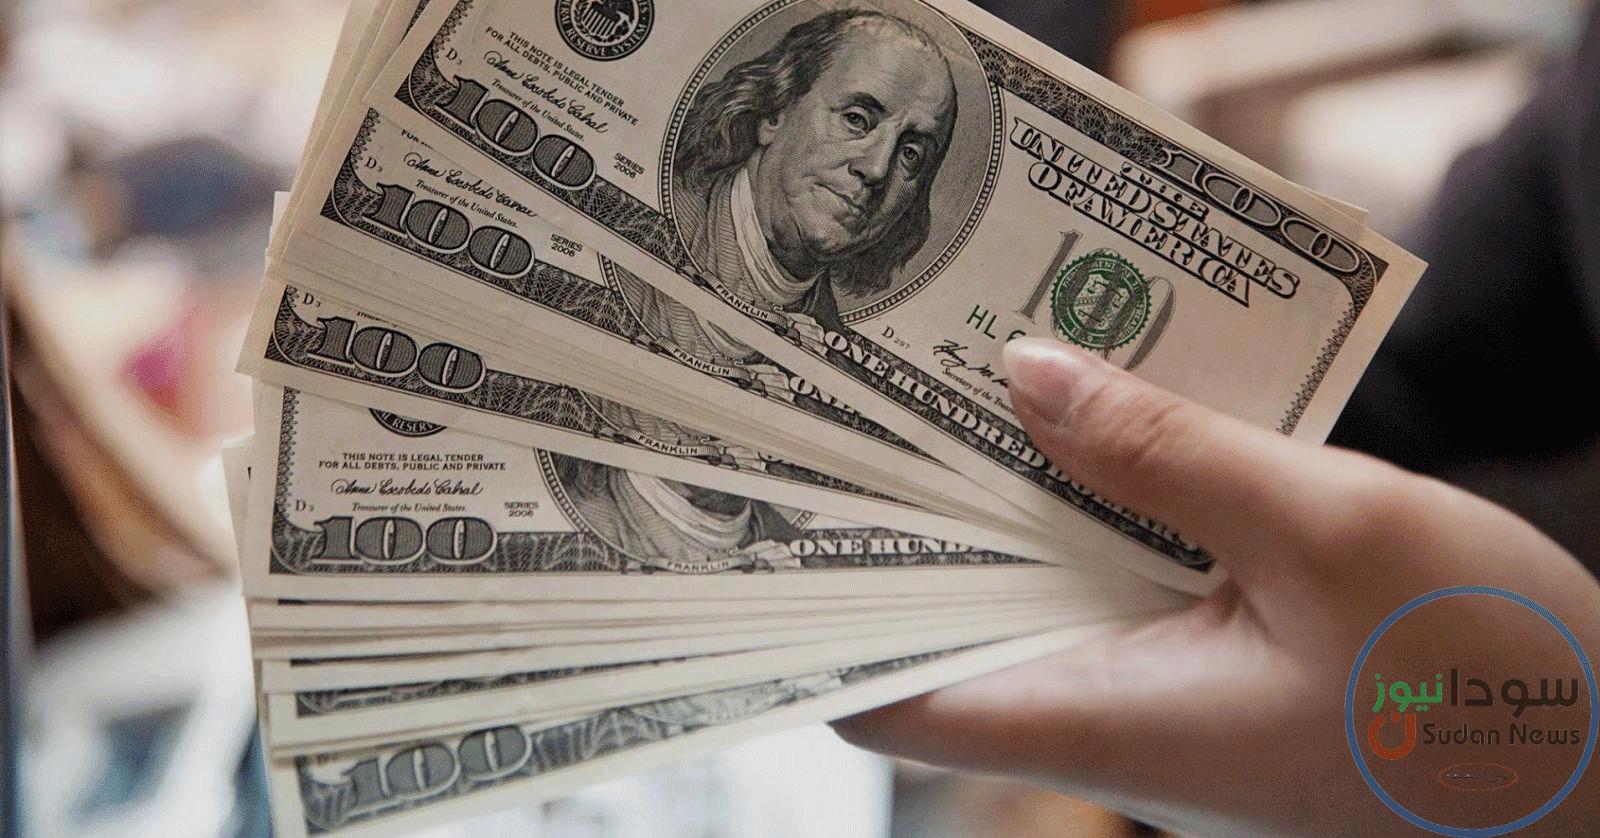 سعر الدولار في السودان قفزة تاريخية اليوم الأربعاء 9 سبتمبر 2020 قفز سعر الدولار مقابل الجنيه السوداني اليوم الأربعاء مسجلا رقما Us Dollars Money Fbi